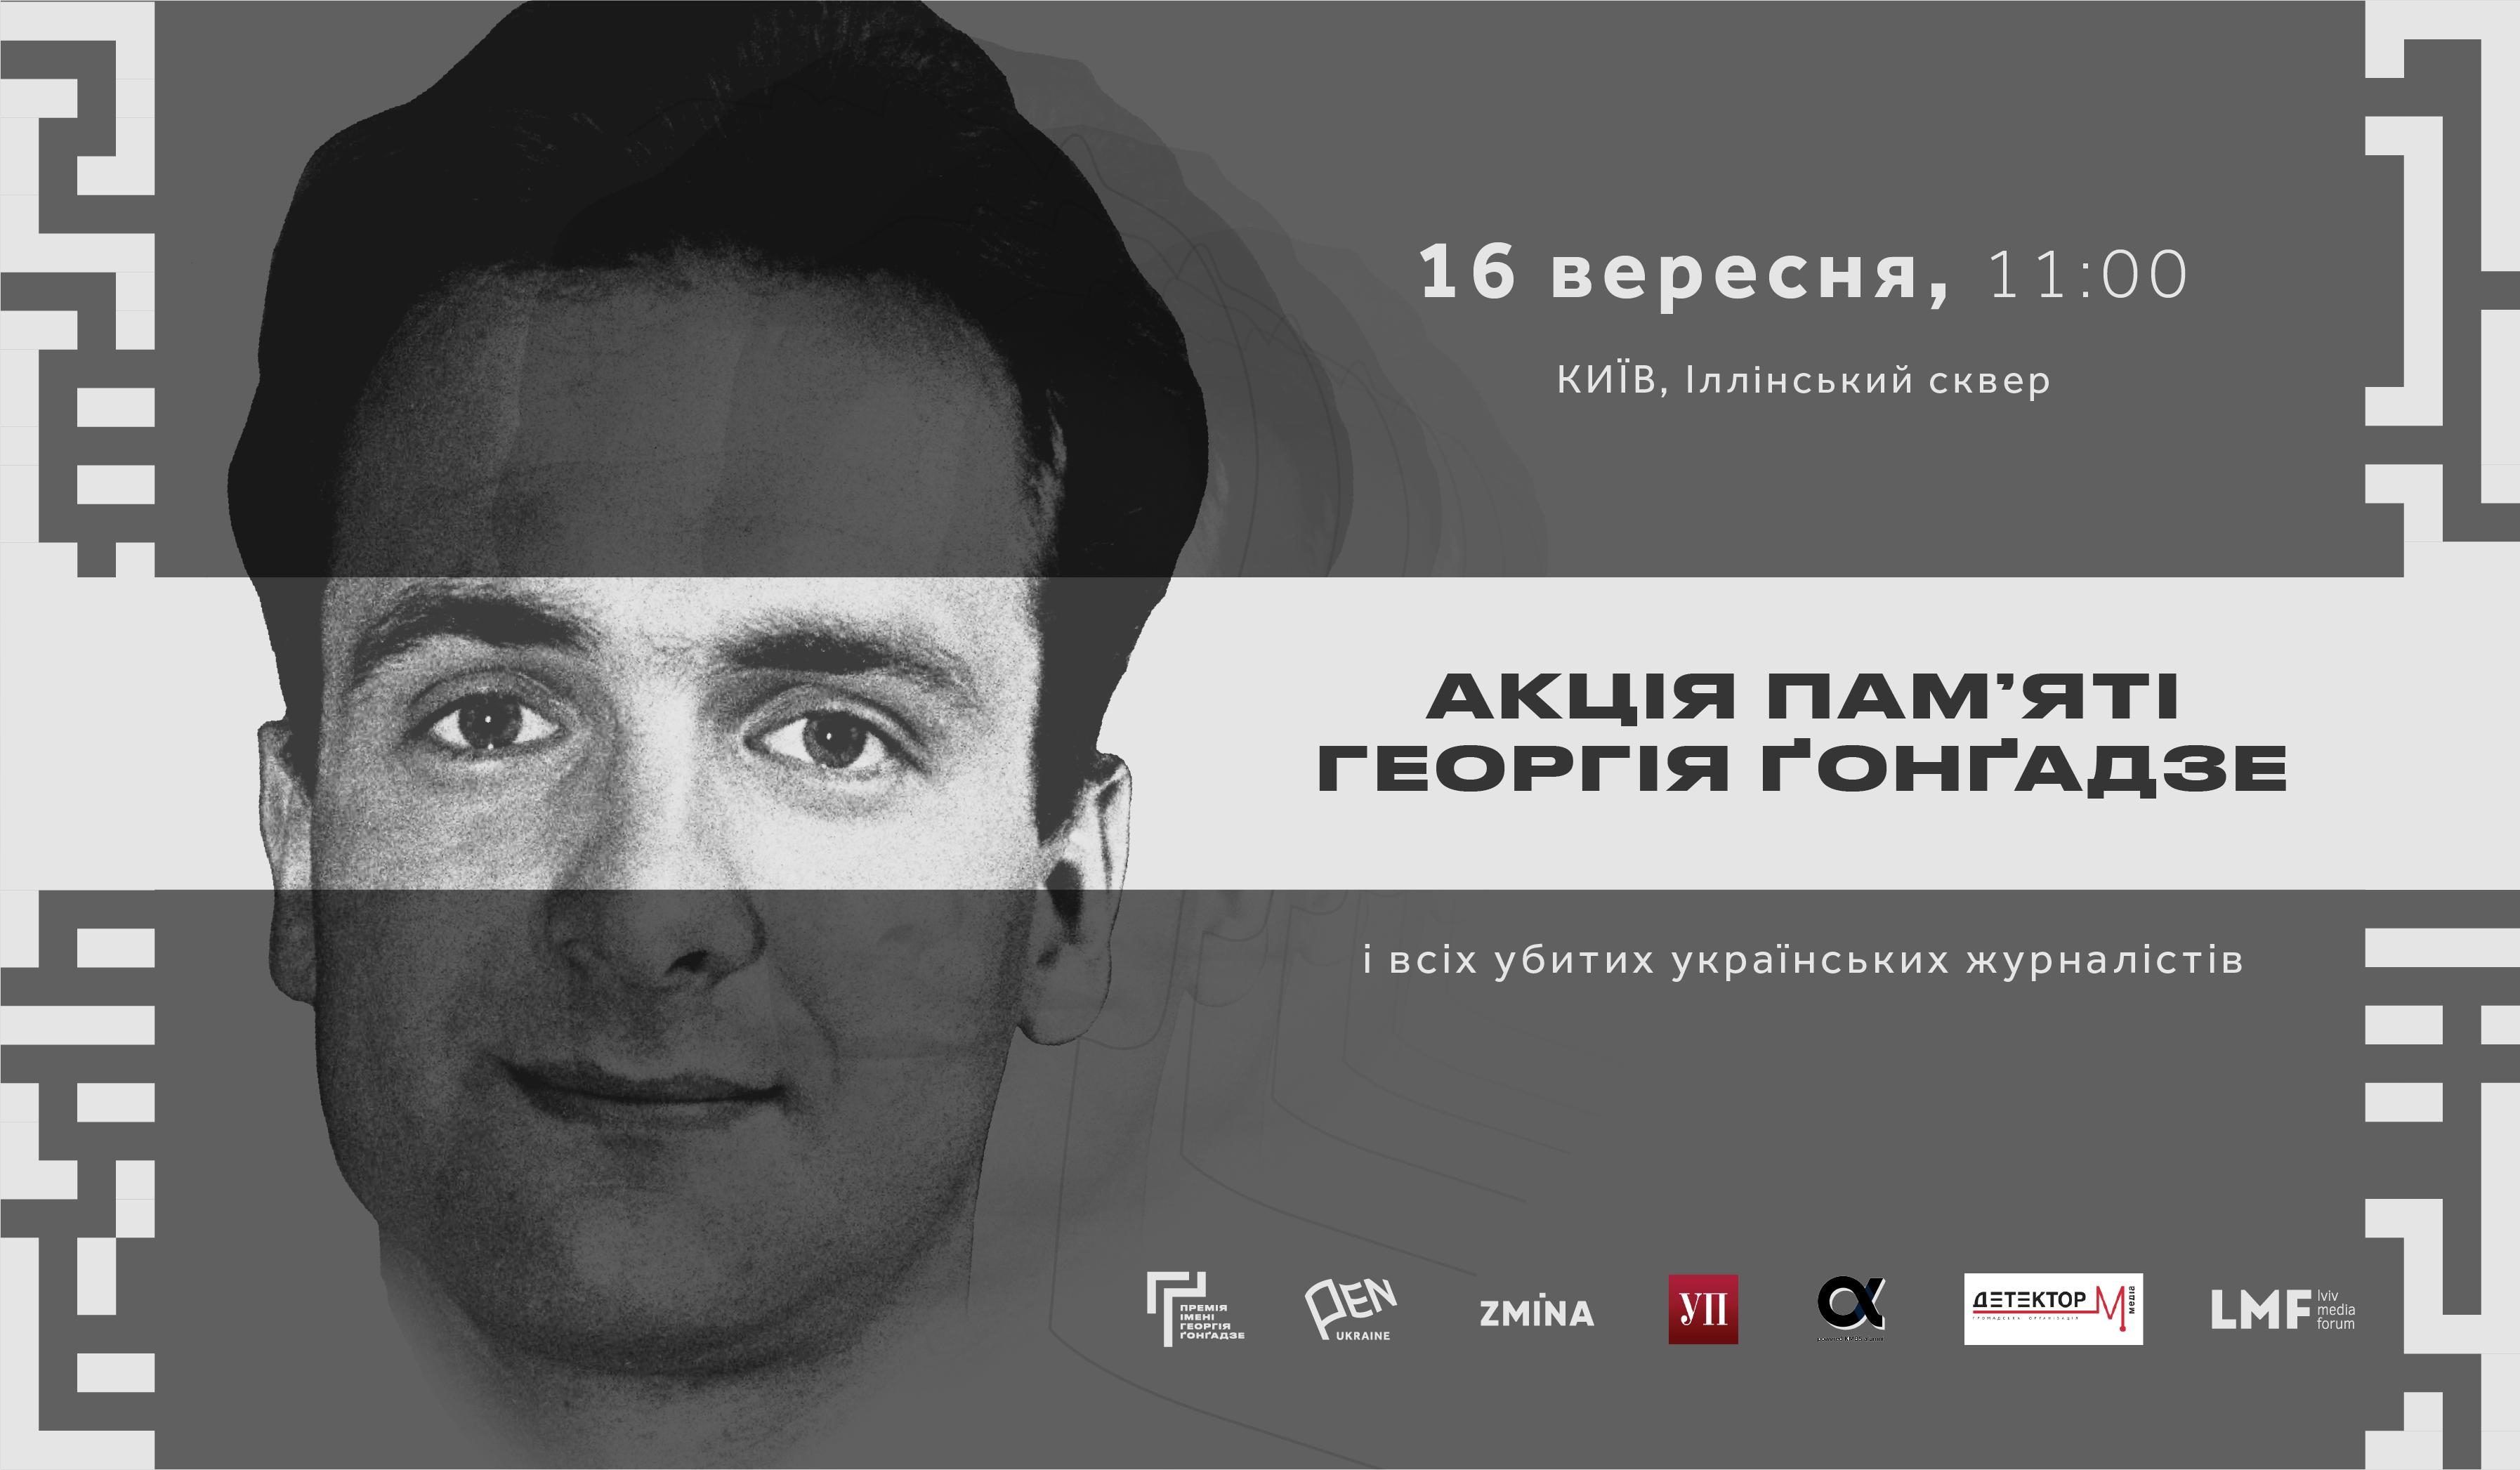 Журналісти та правозахисники зберуться на Акції пам'яті Георгія Ґонґадзе